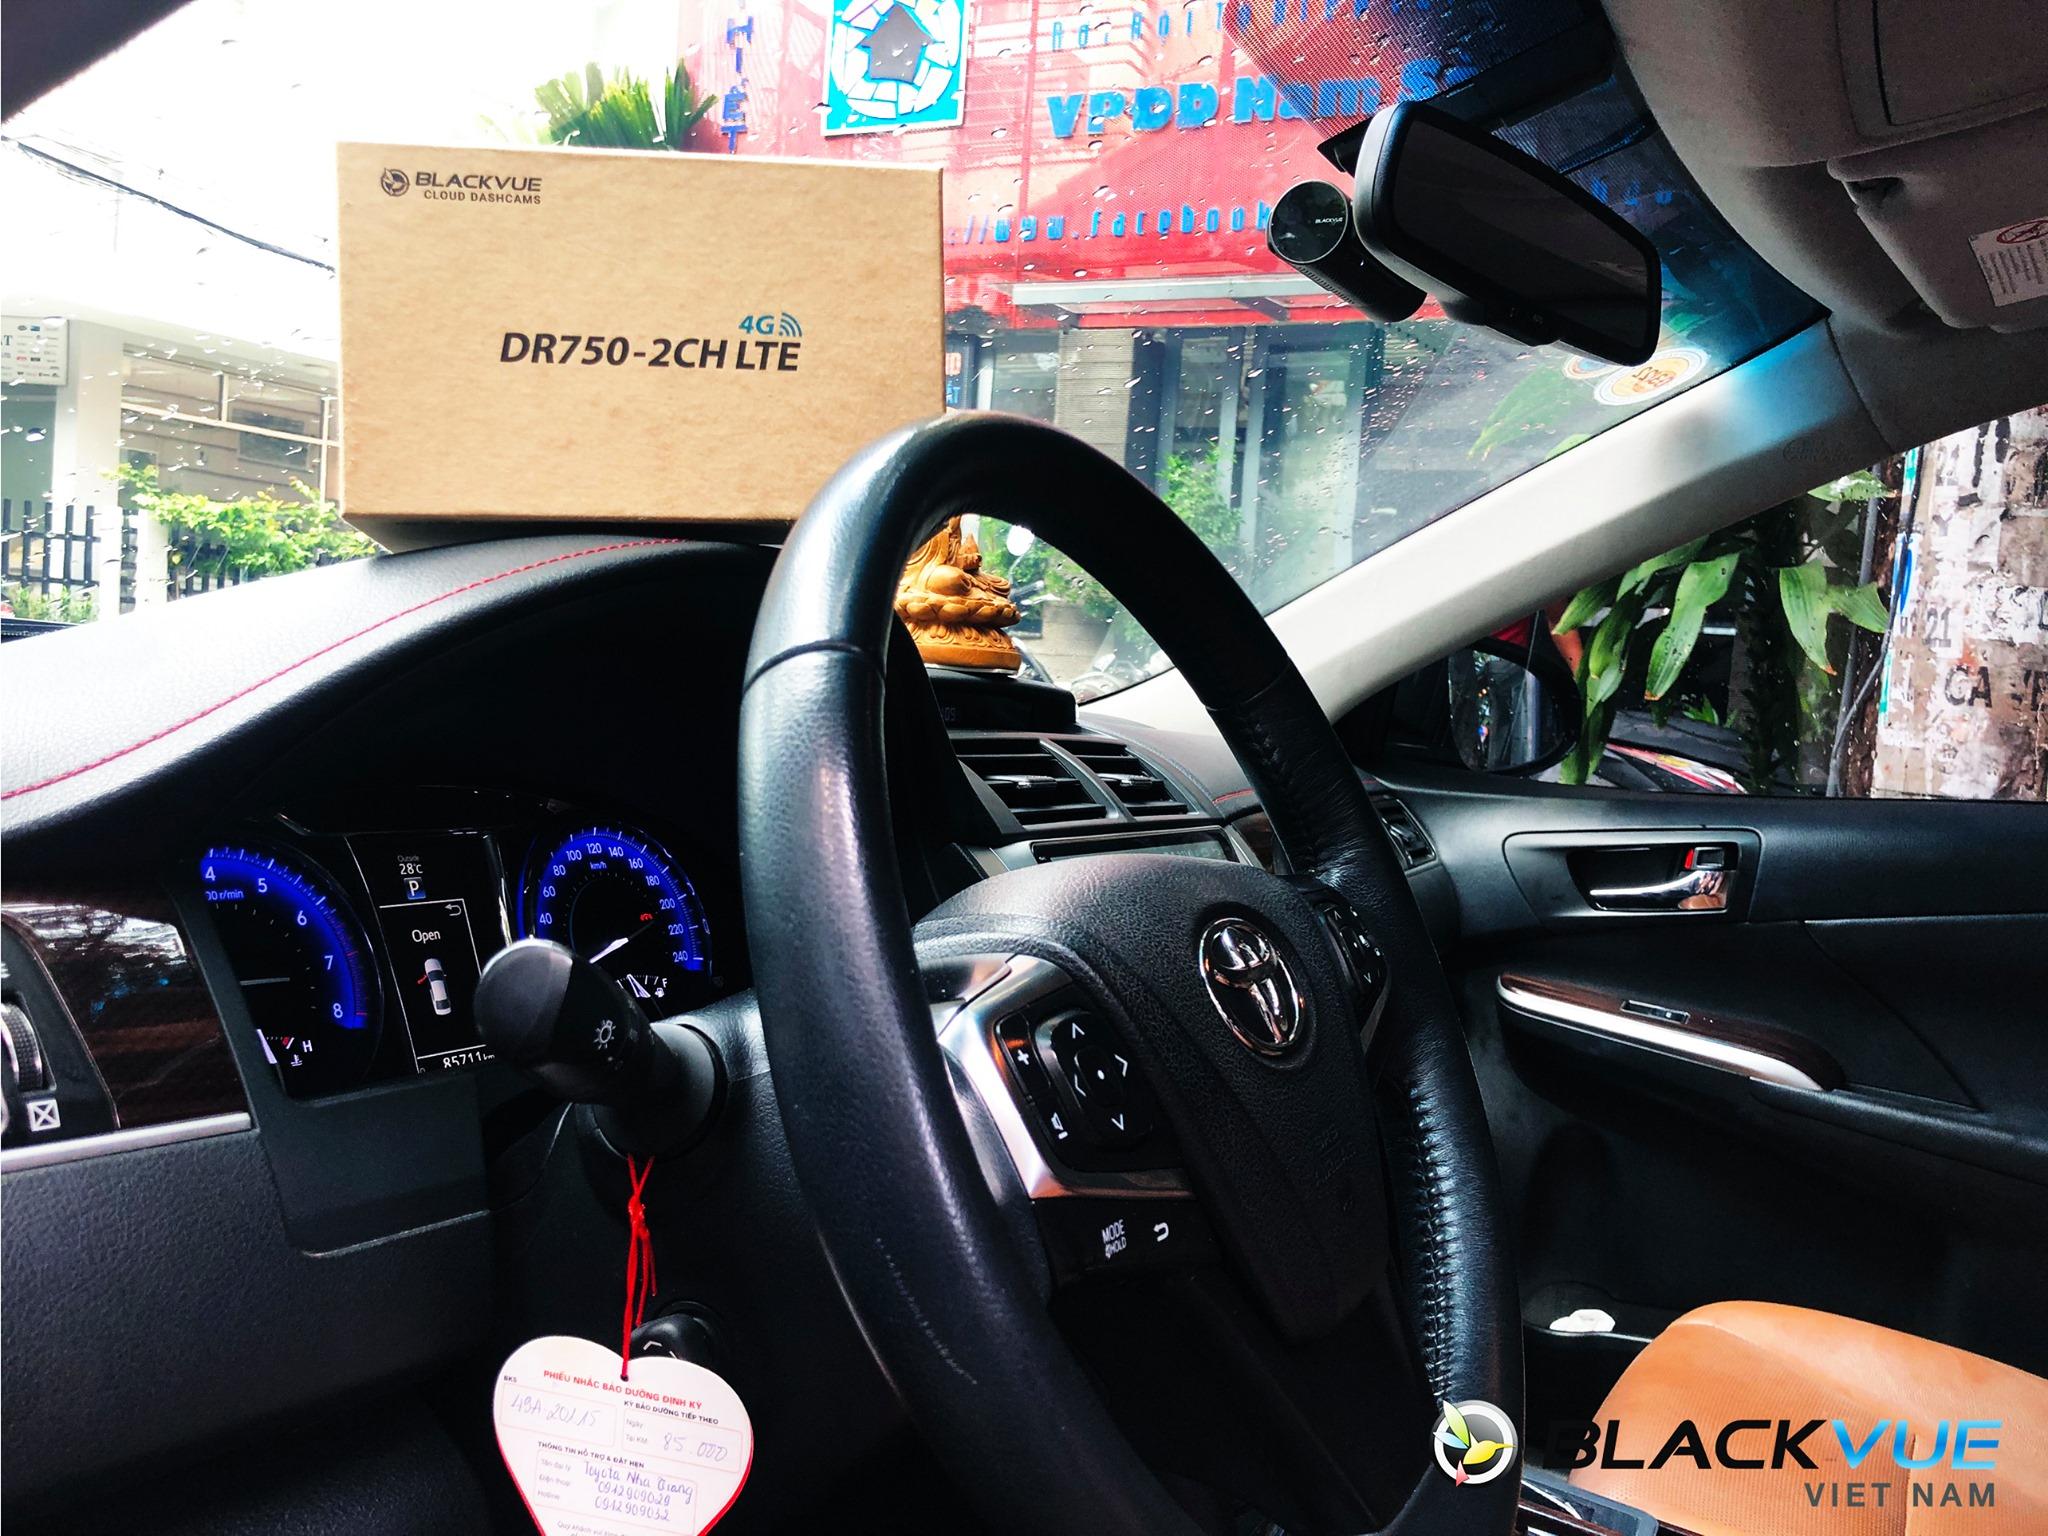 8 - Blackvue DR750-2CH LTE camera hành trình cao cấp chuyên dành cho xe sang